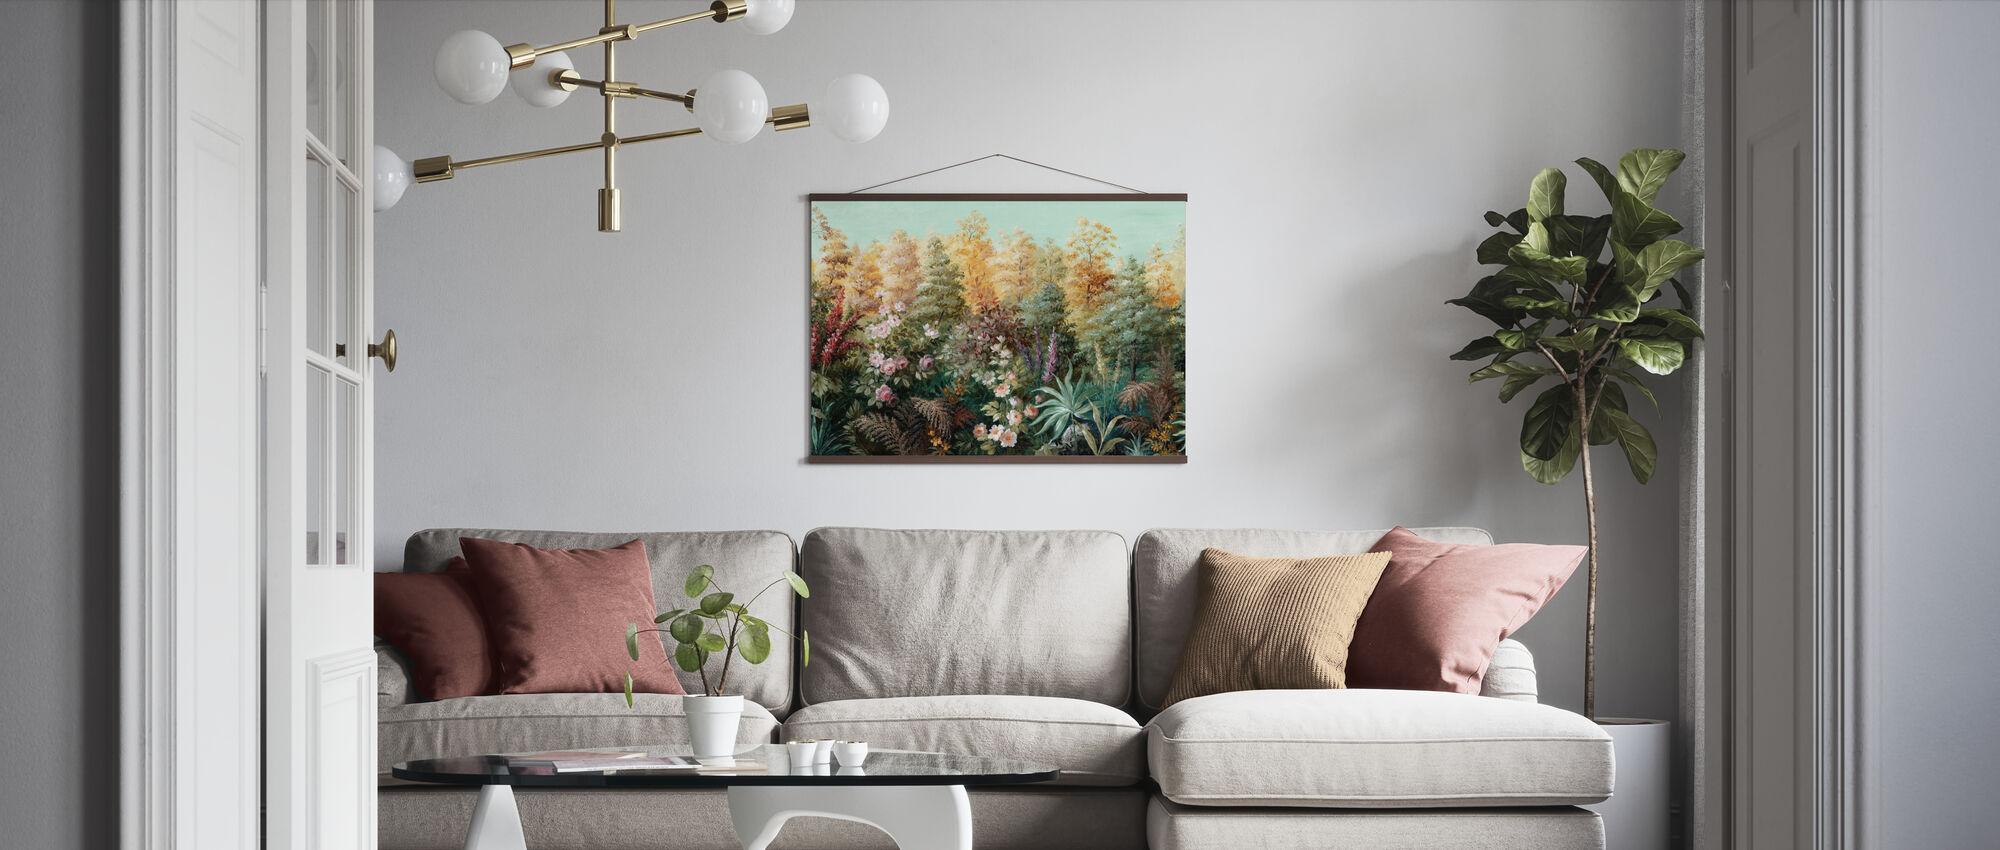 Wonderland Potpourri - Poster - Living Room